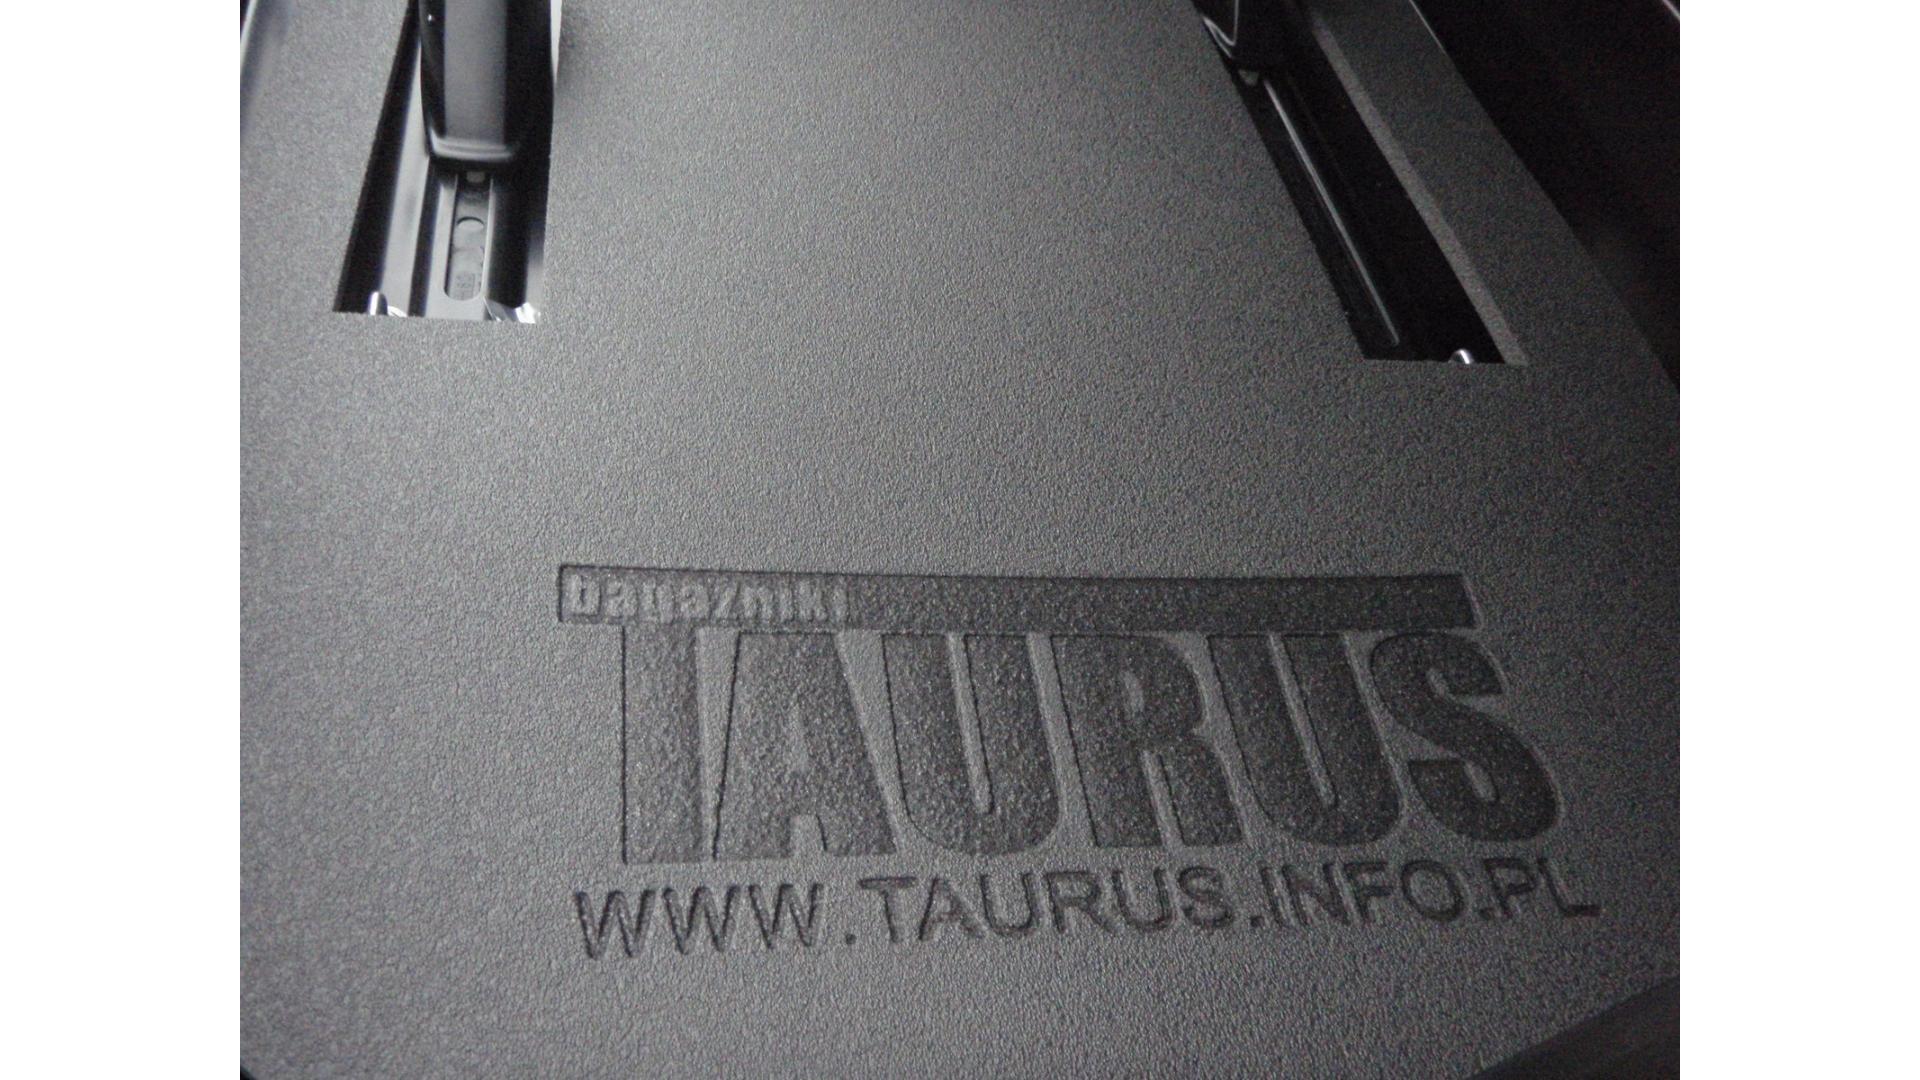 Taurus ochranná vložka do boxu  A 600  (170x55 cm) ST